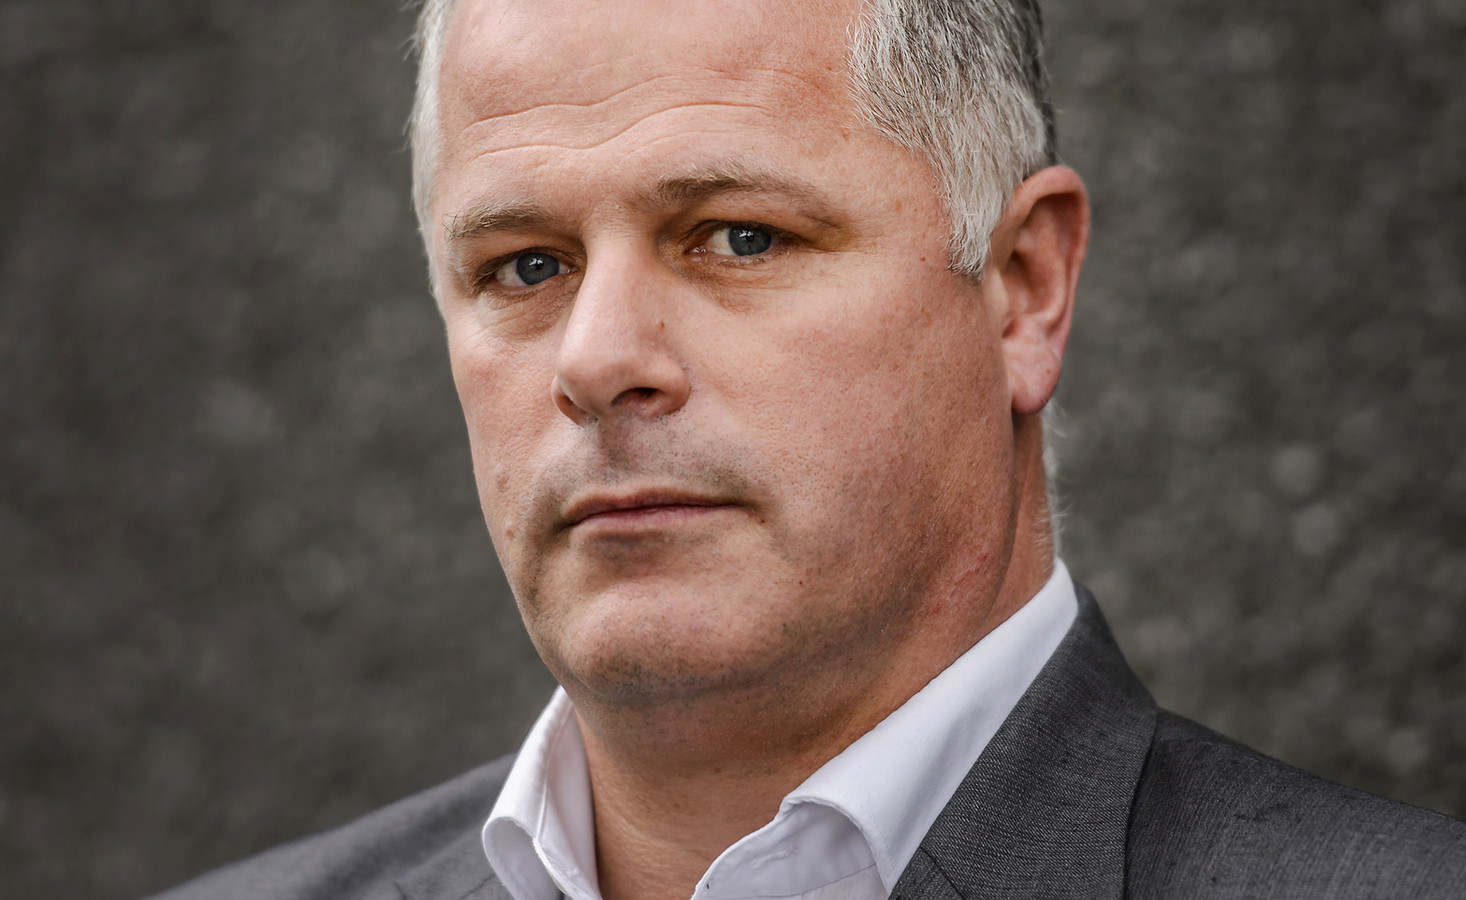 Gerrit van de Kamp.